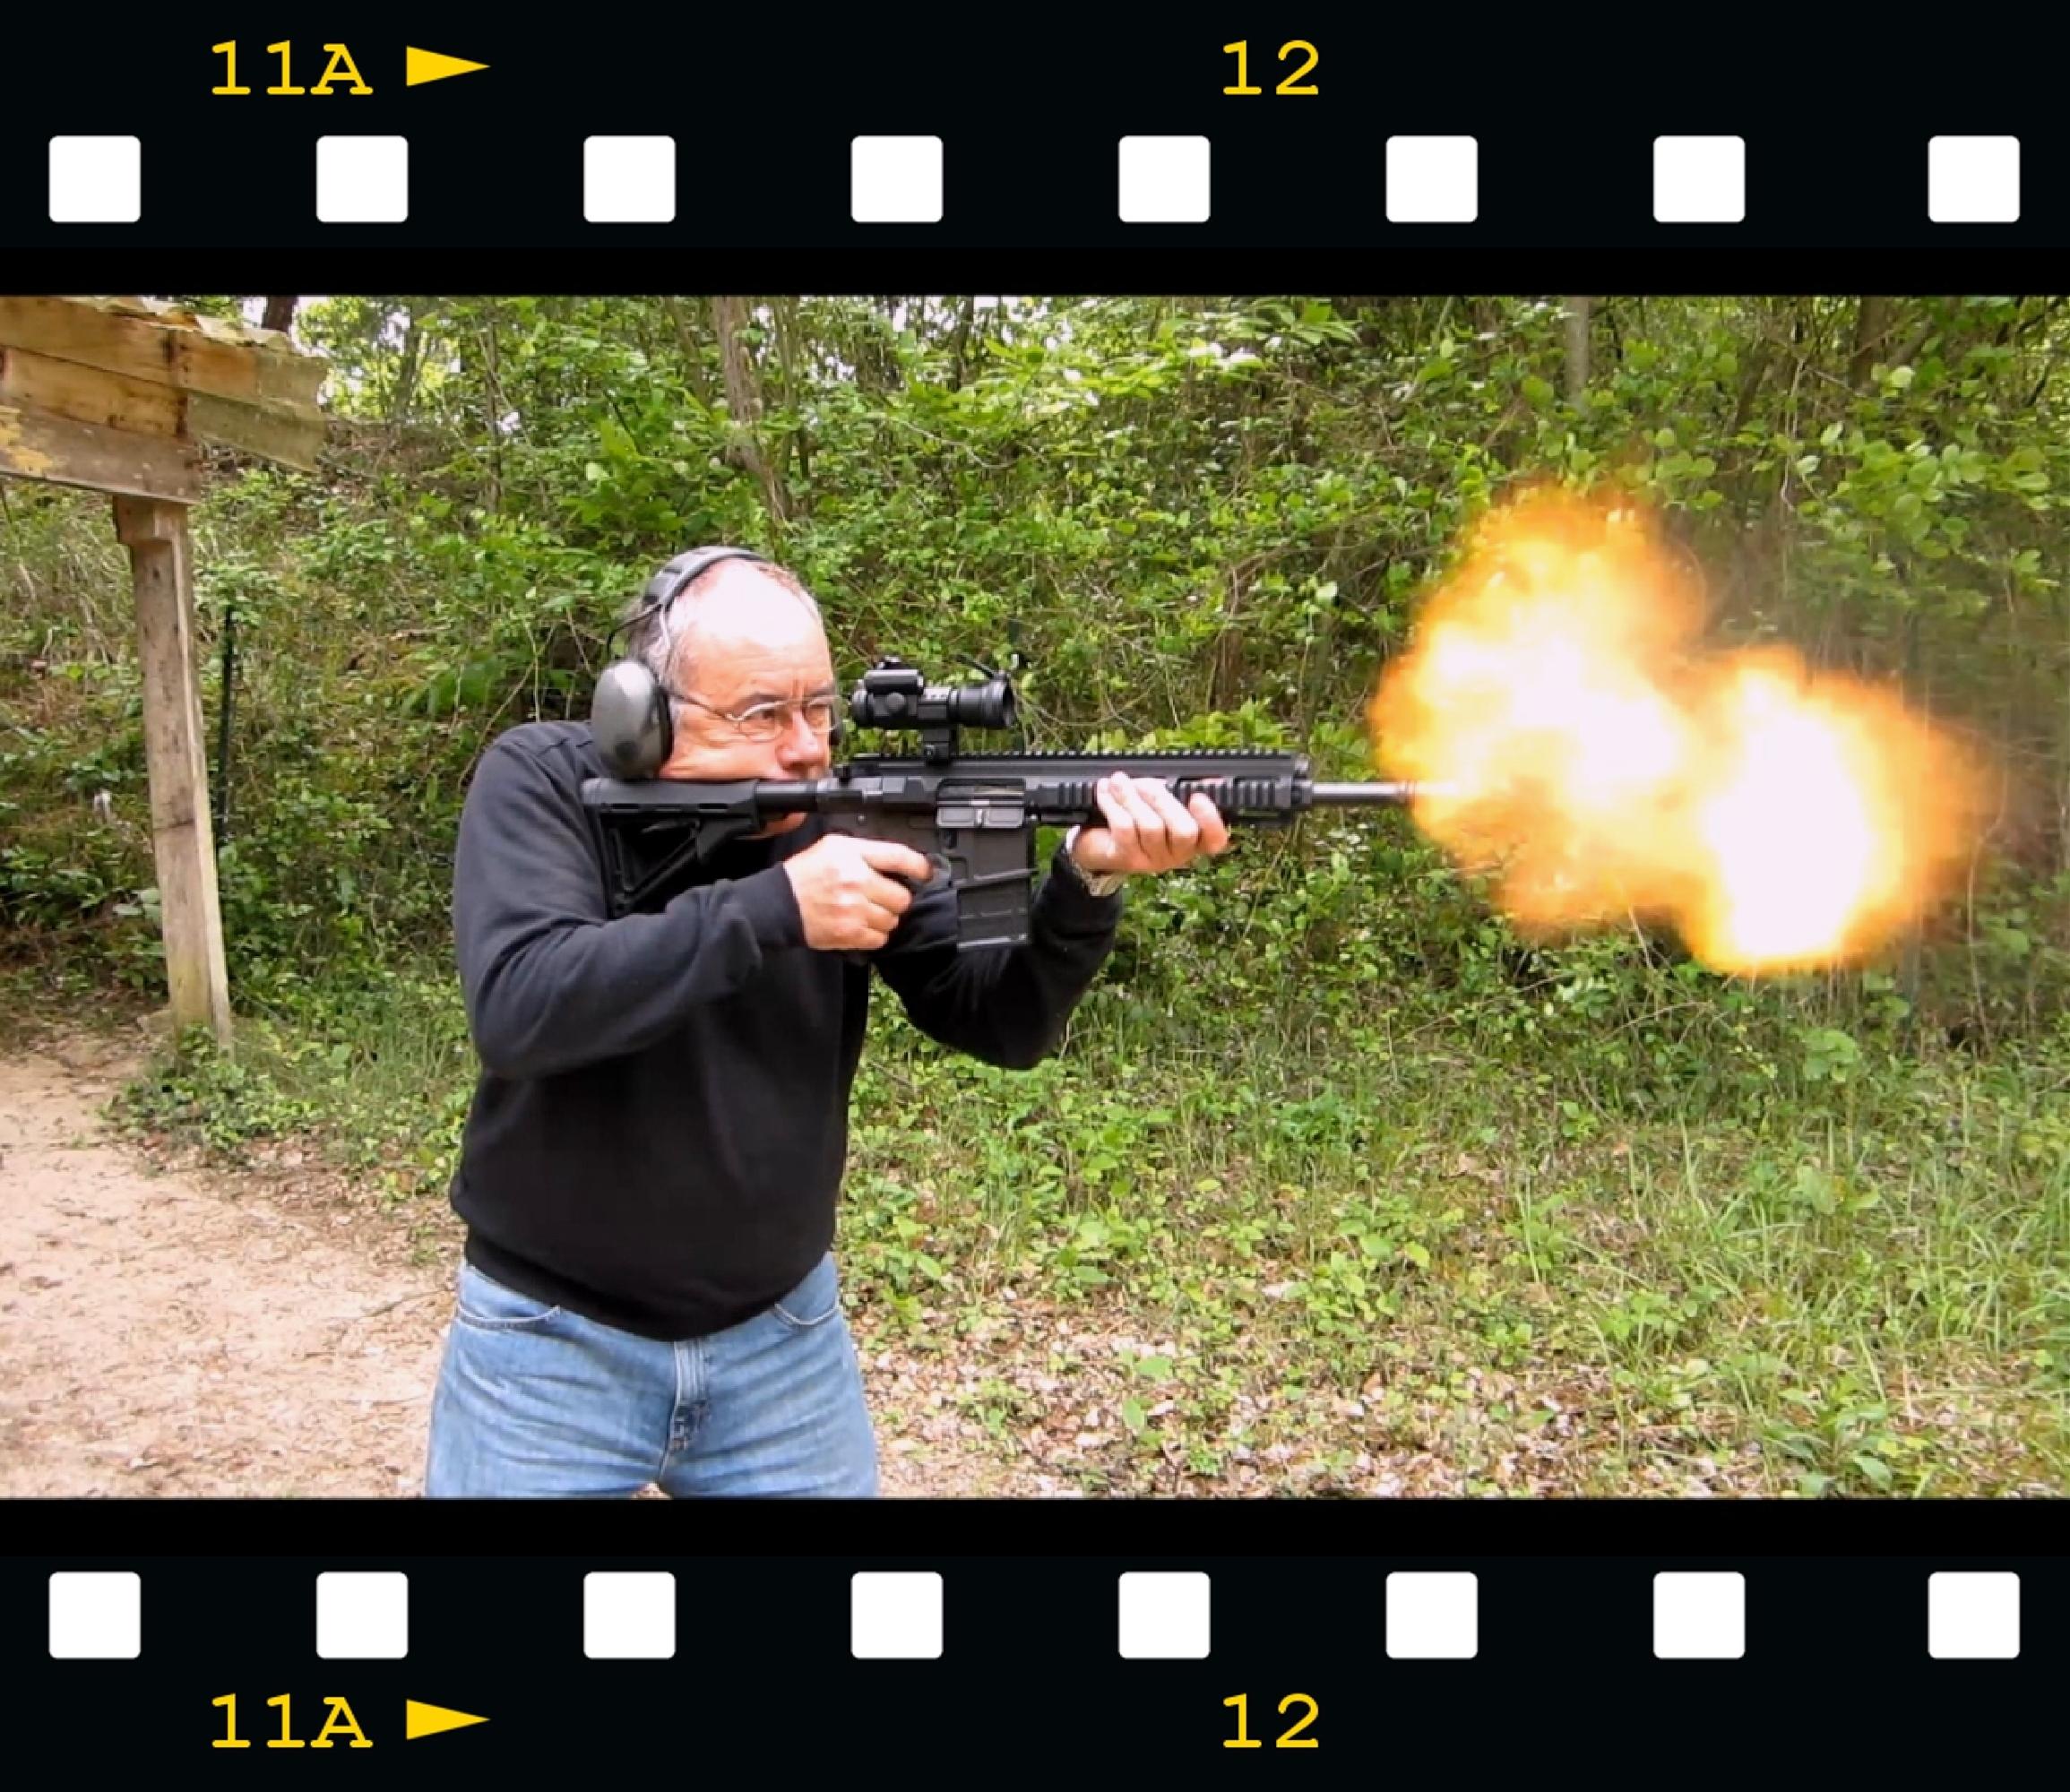 Le canon court dont est muni le modèle que nous avons testé favorise l'apparition d'une impressionnante flamme à la bouche, causée par la poudre dont une partie brûle à l'air libre. L'arme est dotée d'un frein de bouche qui est destiné à diminuer le relèvement, grâce à des évents ouverts vers le haut, mais n'a pas fonction de cache-flamme. L'éclair, que la vidéo permet parfois de saisir, a une durée très brève, de l'ordre du centième de seconde.